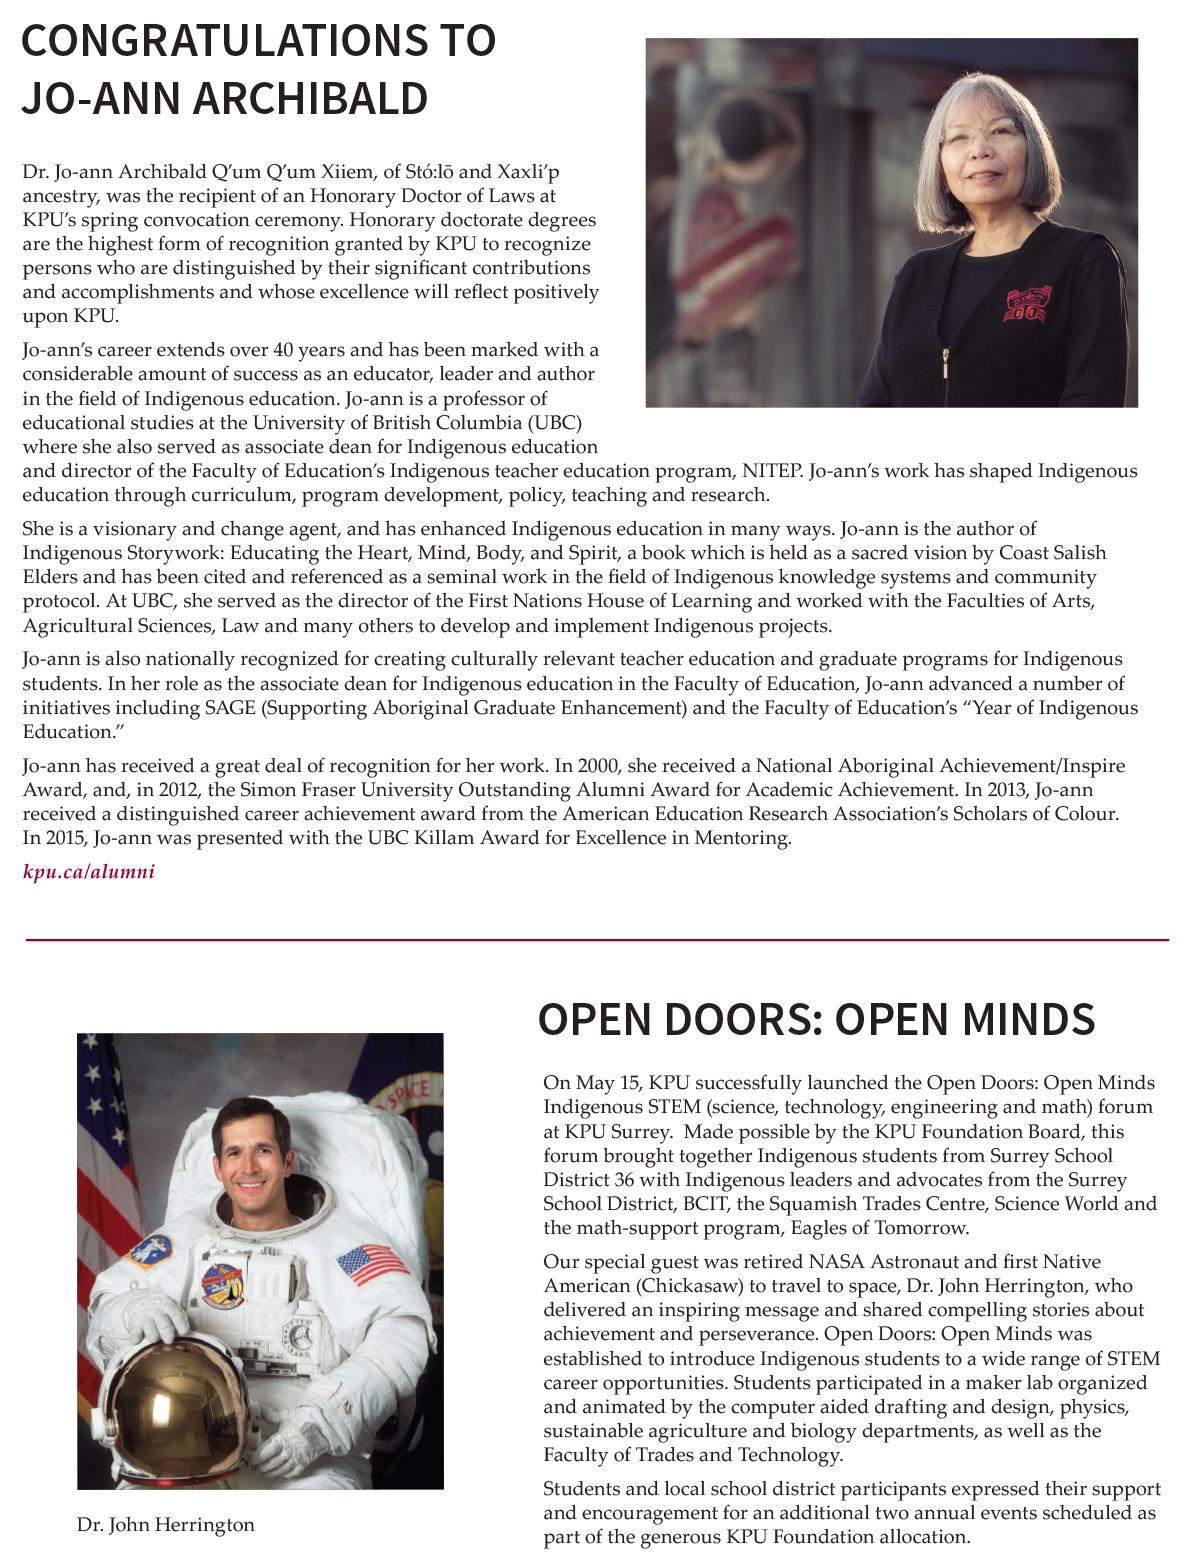 O'siem Page 5